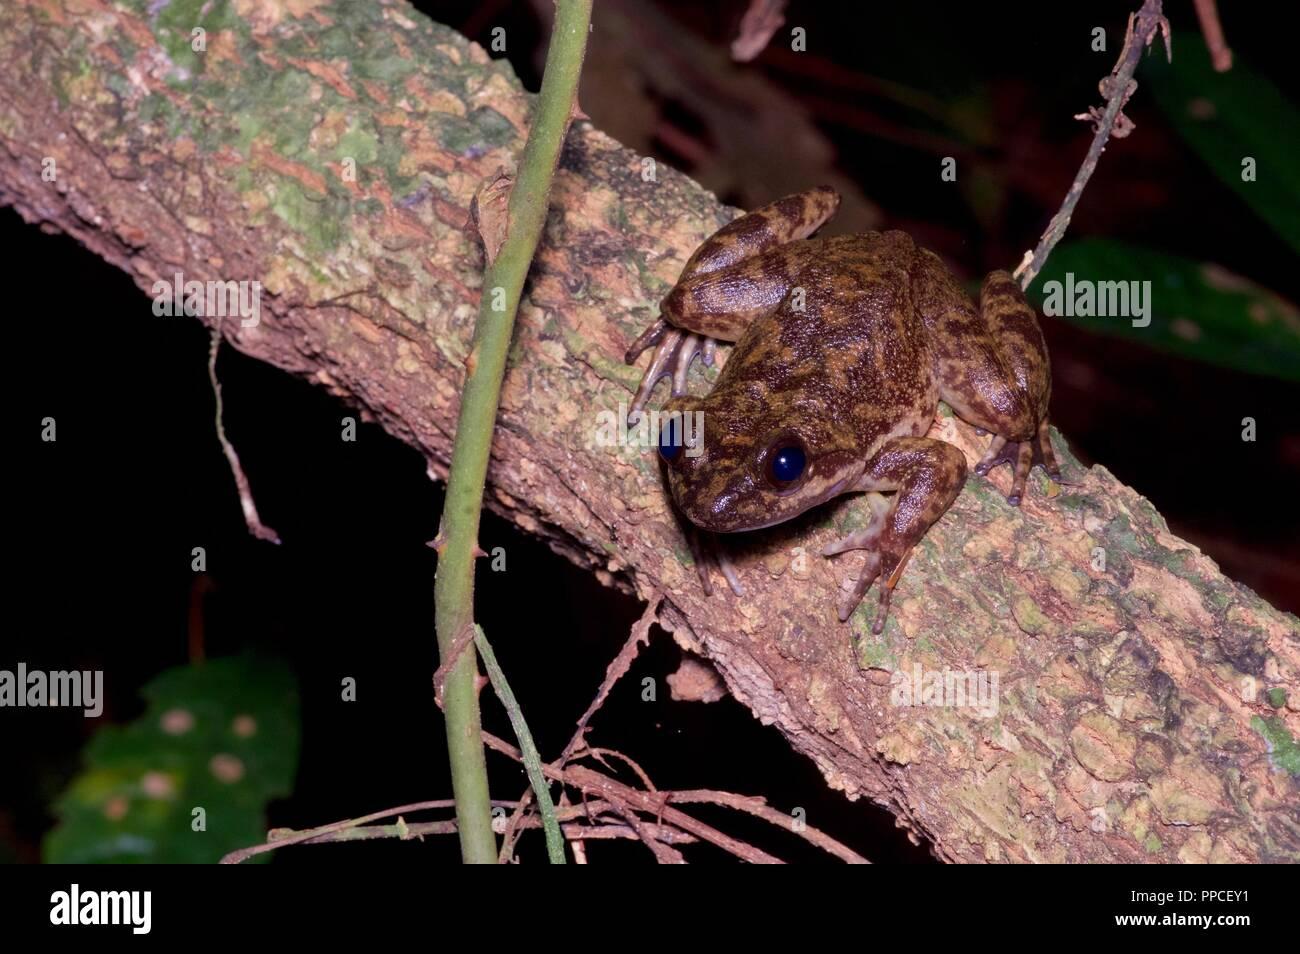 Un pariente de la críticamente amenazadas Togo resbalosa Rana (cf. Conraua derooi) en el Streamside en la Reserva Forestal Atewa Range, Ghana, África occidental Imagen De Stock